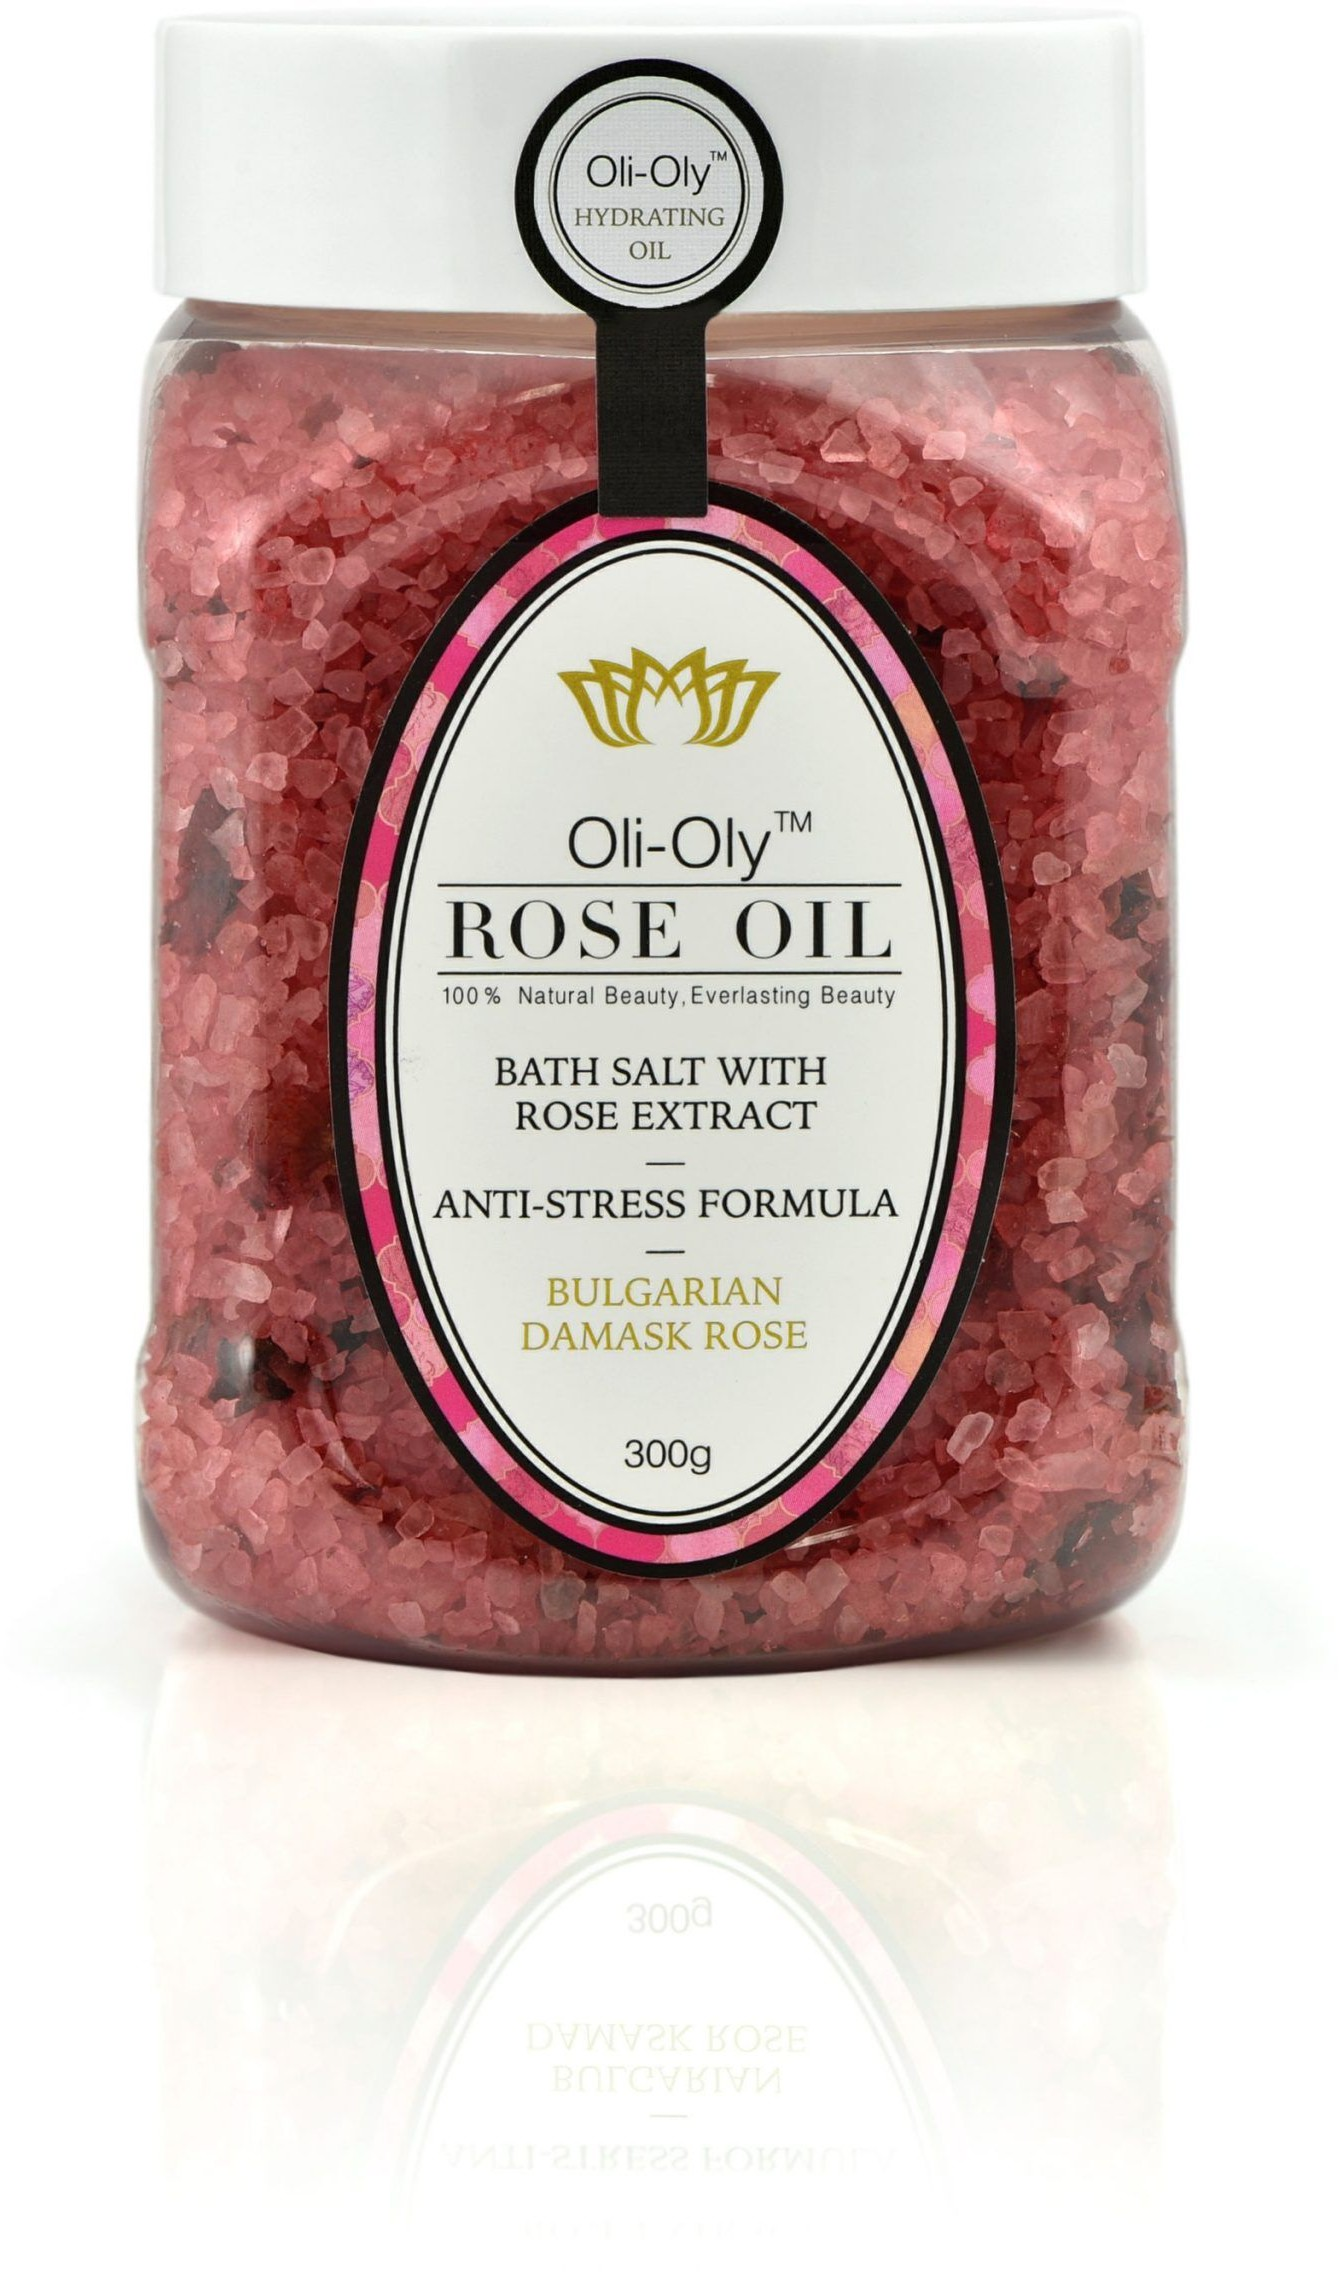 Sól do kąpieli Oli-Oly z olejkiem różanym, 300g